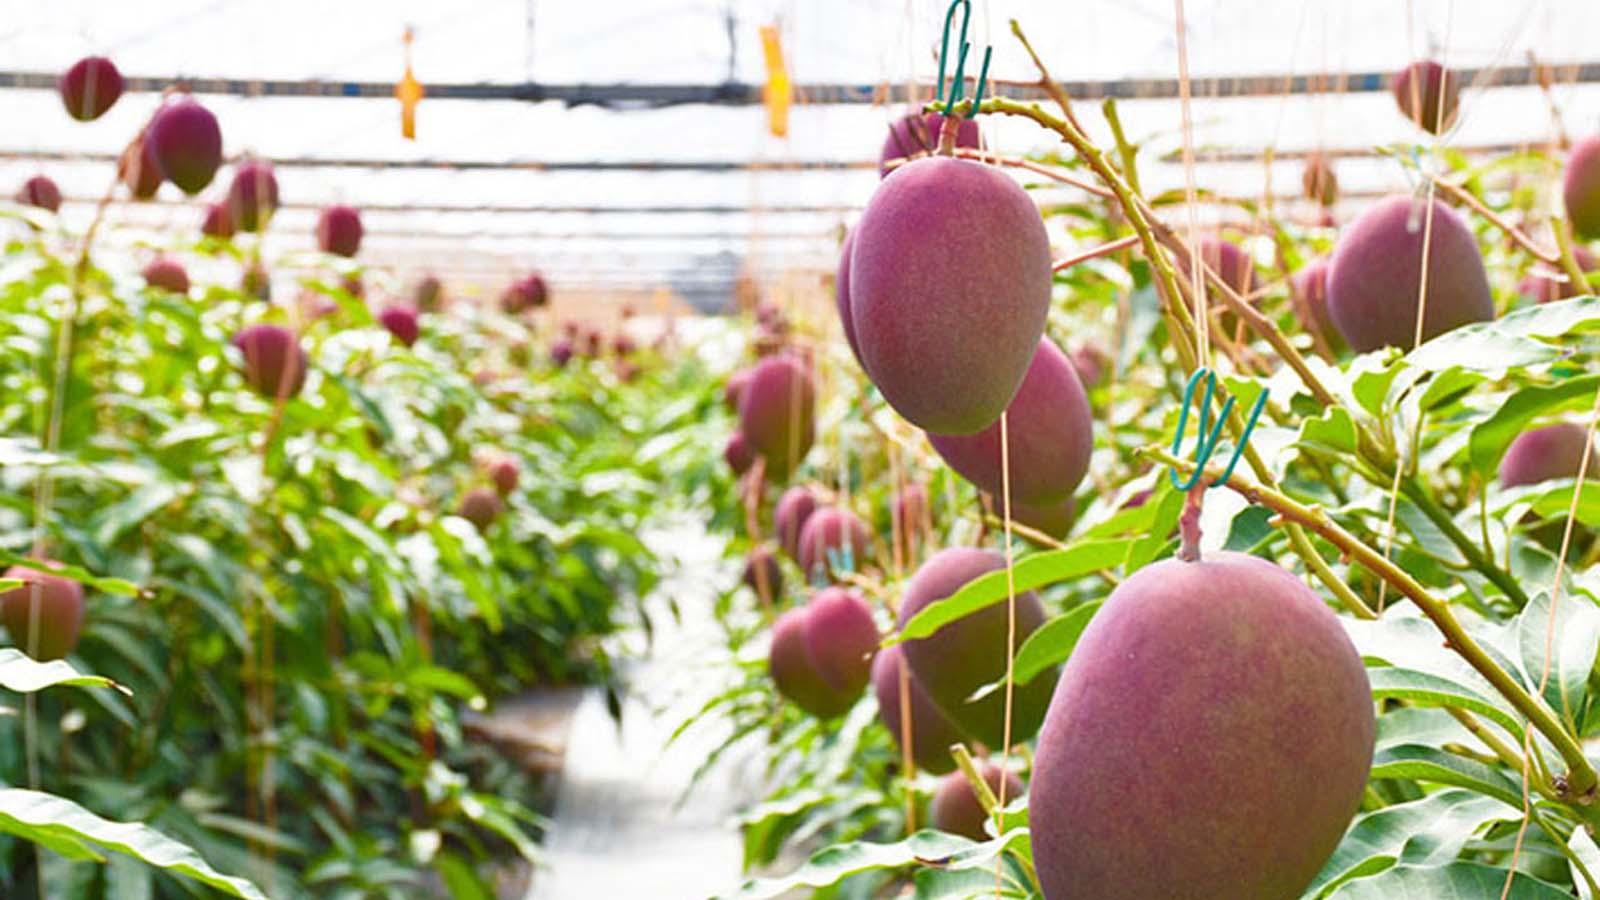 Tohum ektiler, milyarlar biçtiler! Bir çift yanlışlıkla dünyanın en pahalı mangolarından birini dikti. Değeri 31 bin lira!